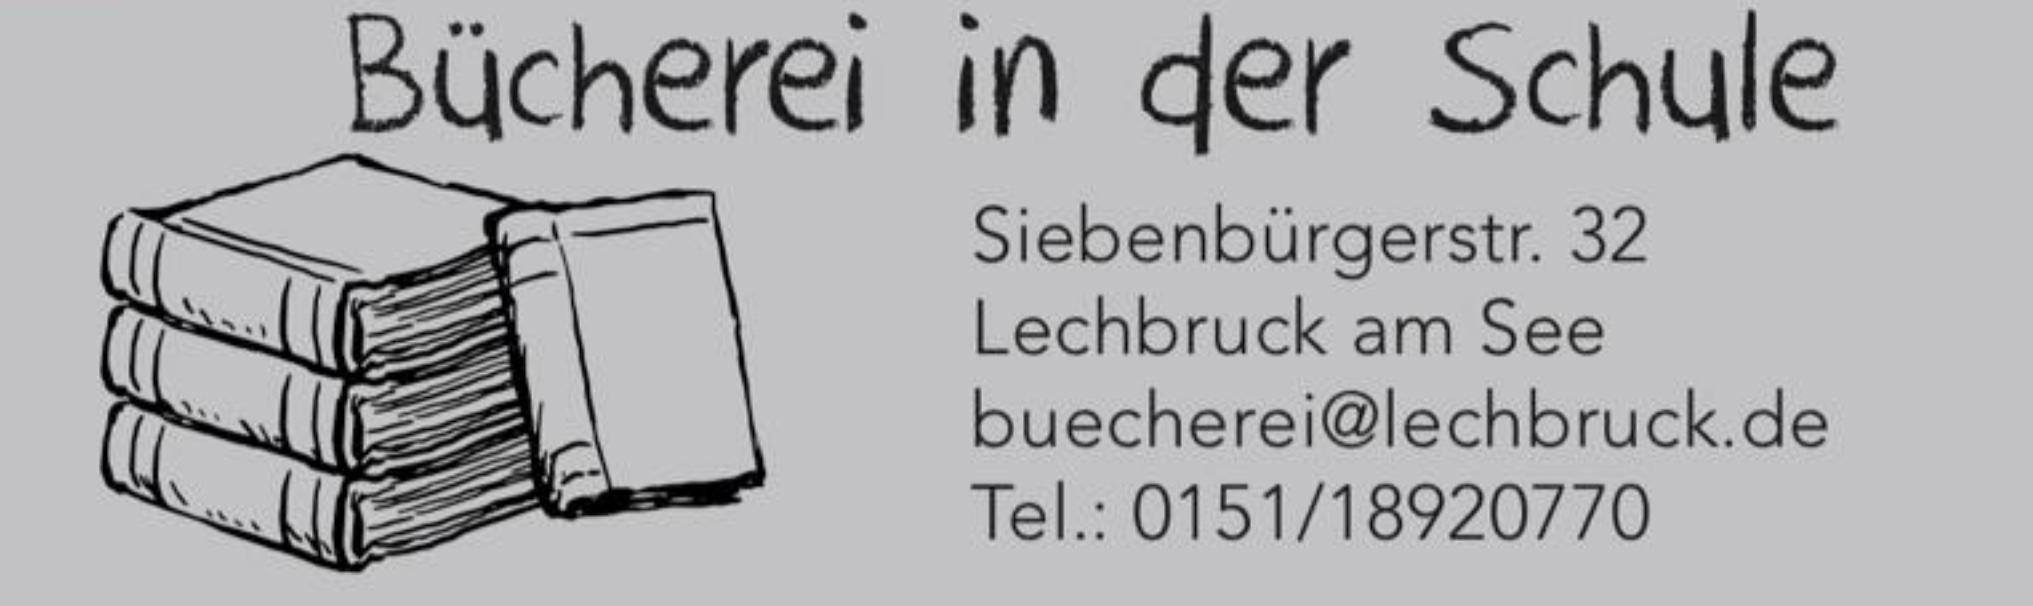 Bücherei Lechbruck